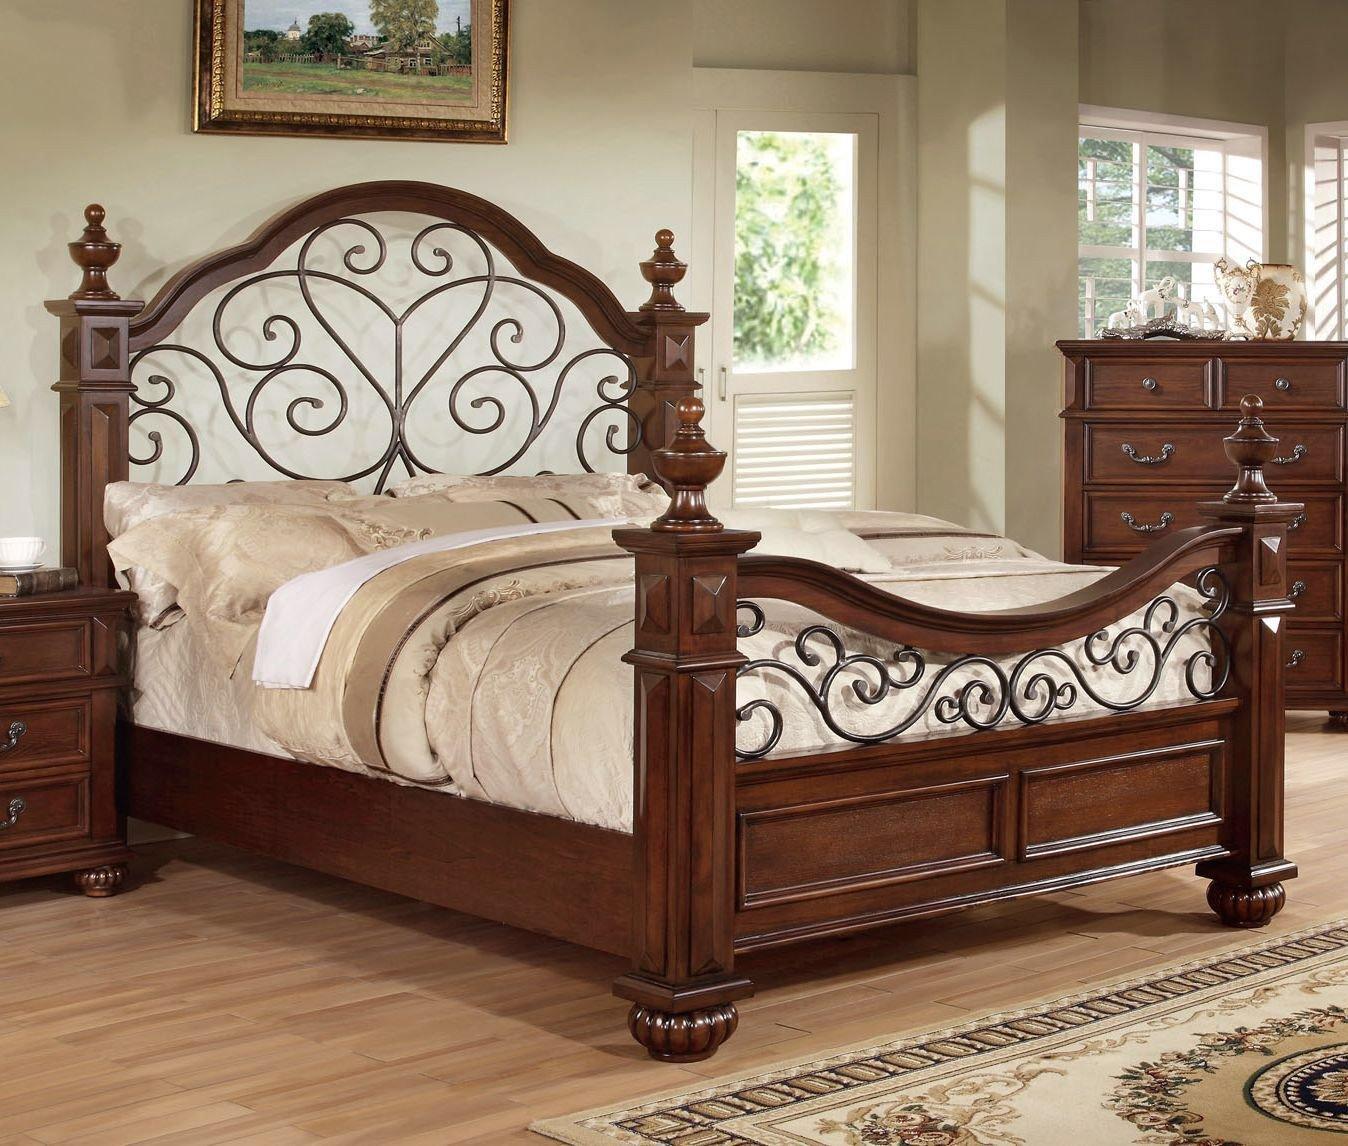 Grand Furniture Bedroom Set Luxury Lorrenzia Platform Configurable Bedroom Set